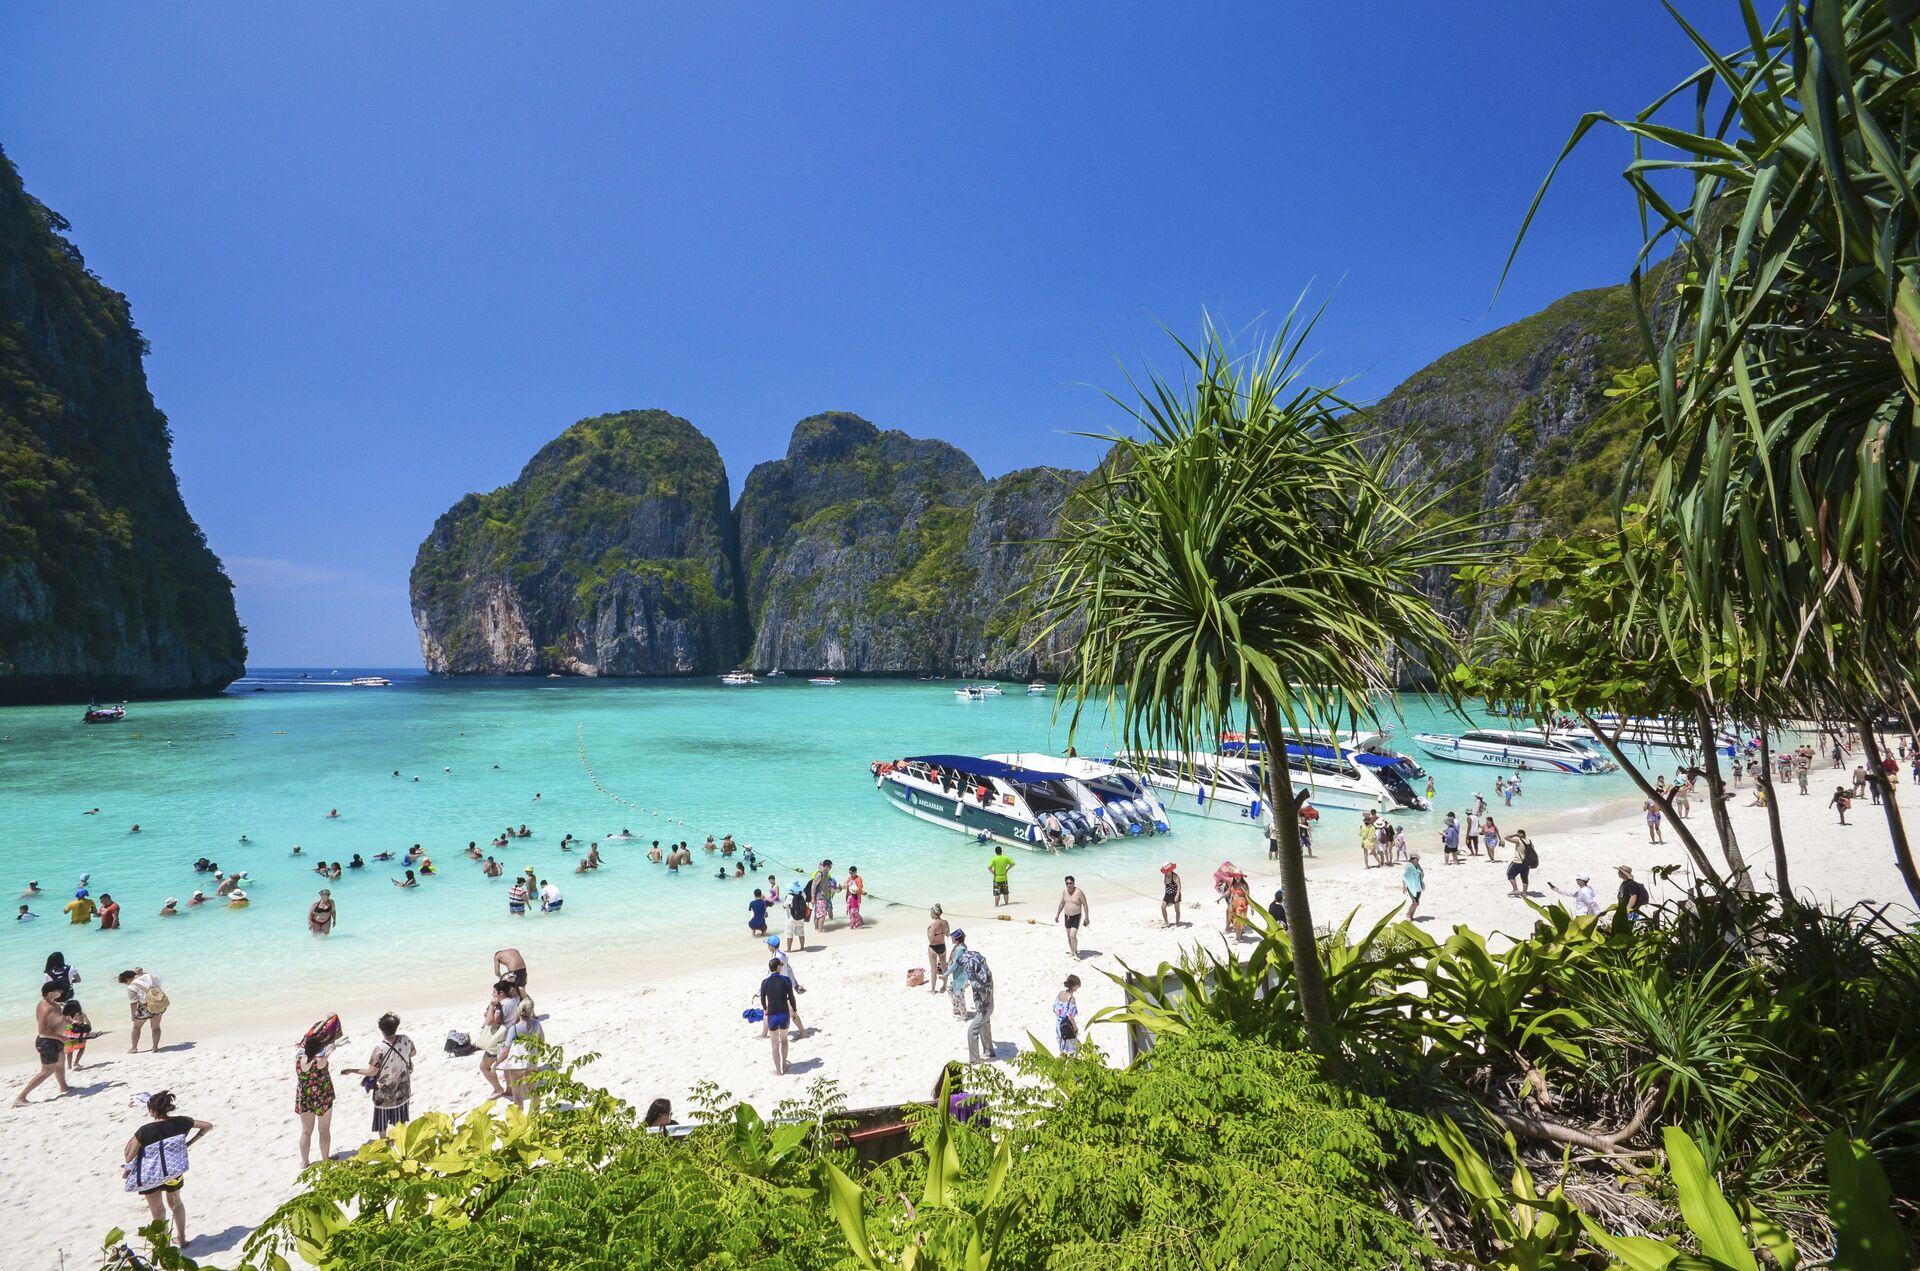 La Thailandia per attirare turisti propone la quarantena in yacht - Sputnik Italia, 1920, 09.03.2021